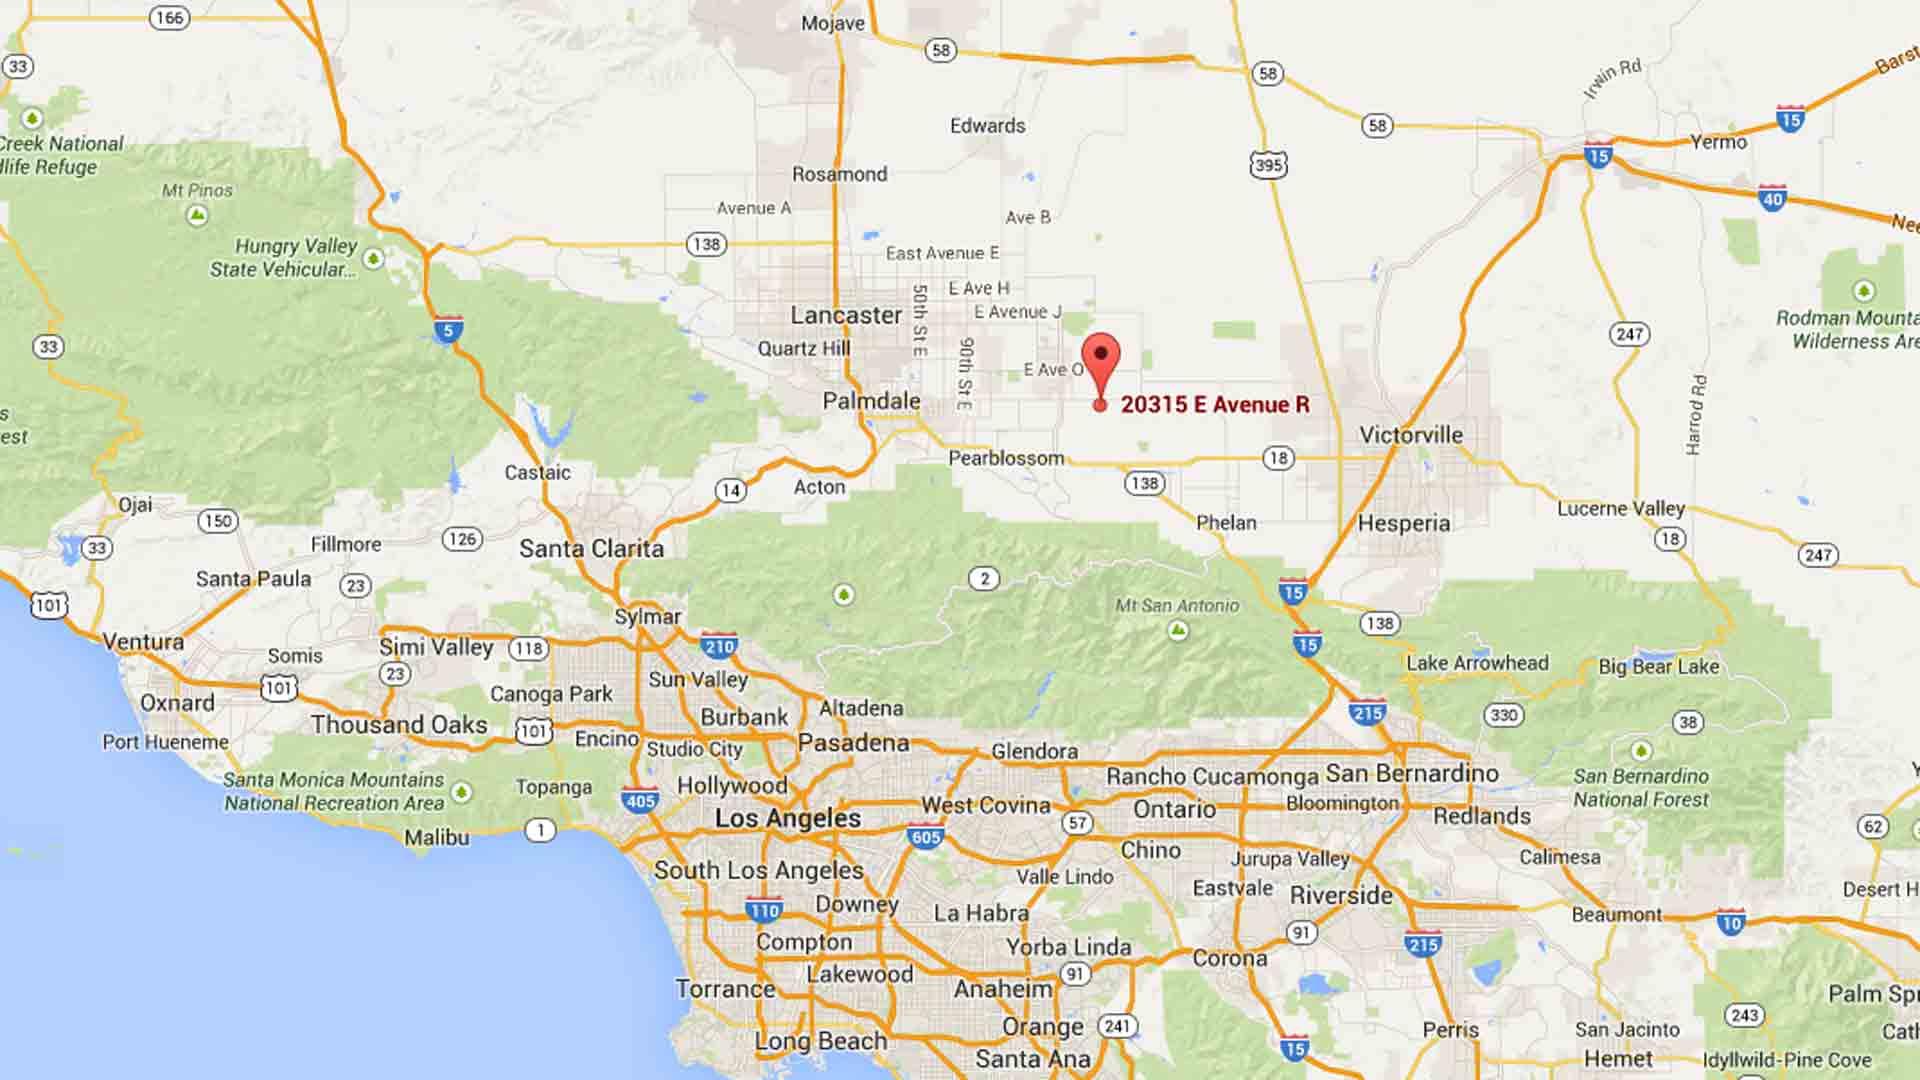 Los Angeles California Map Google - Klipy - Los Angeles California Google Maps